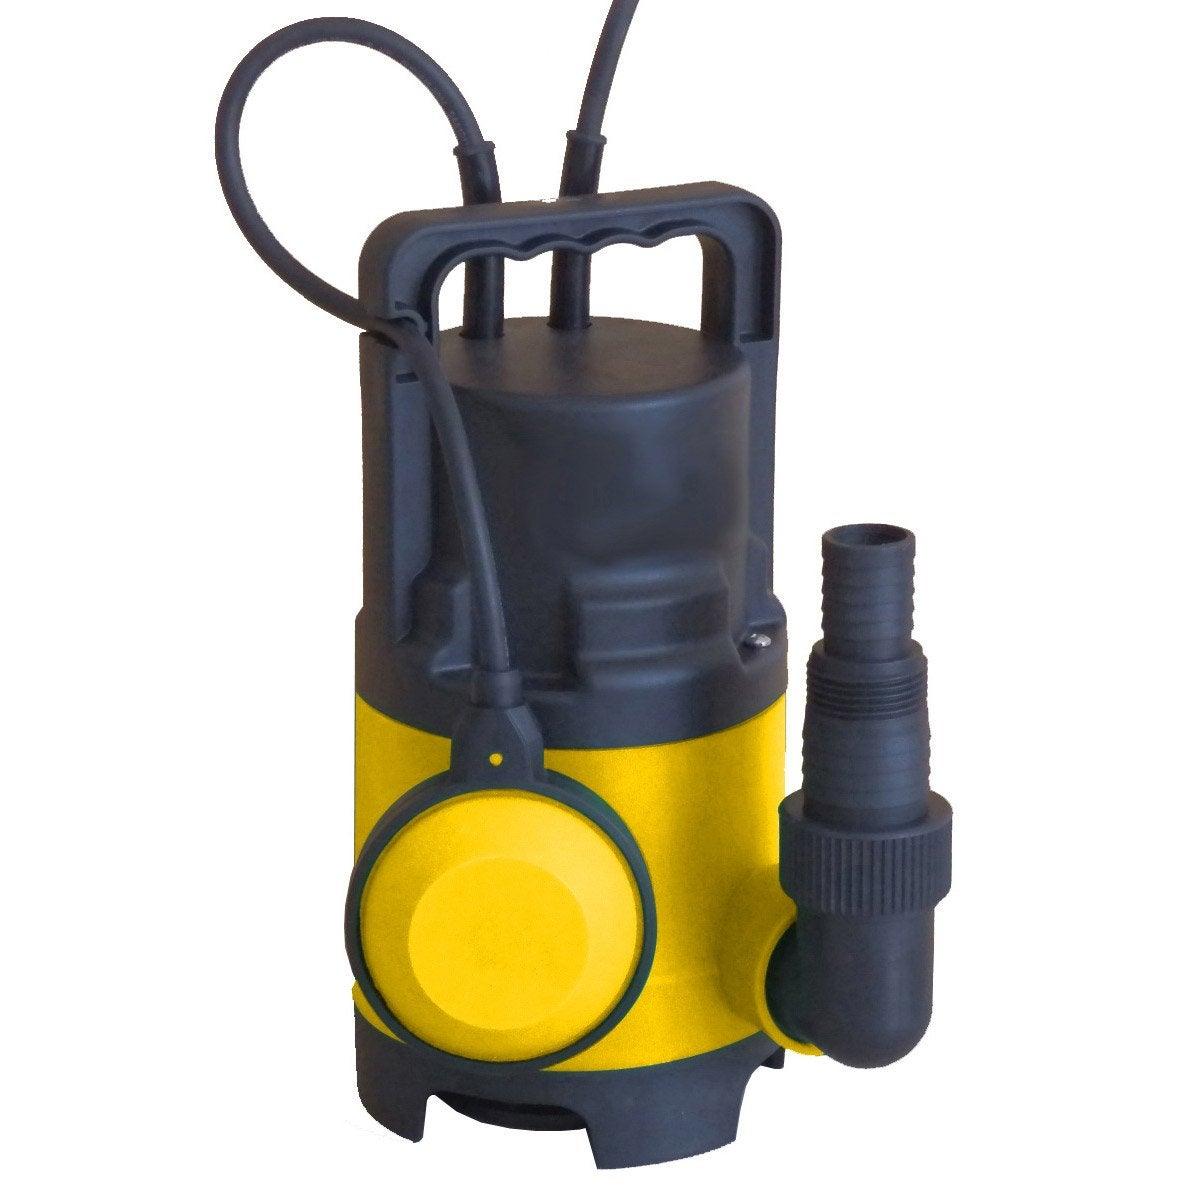 Pompe d 39 vacuation eau charg e vc400ech 8000 l h leroy merlin - Pompe a eau electrique leroy merlin ...